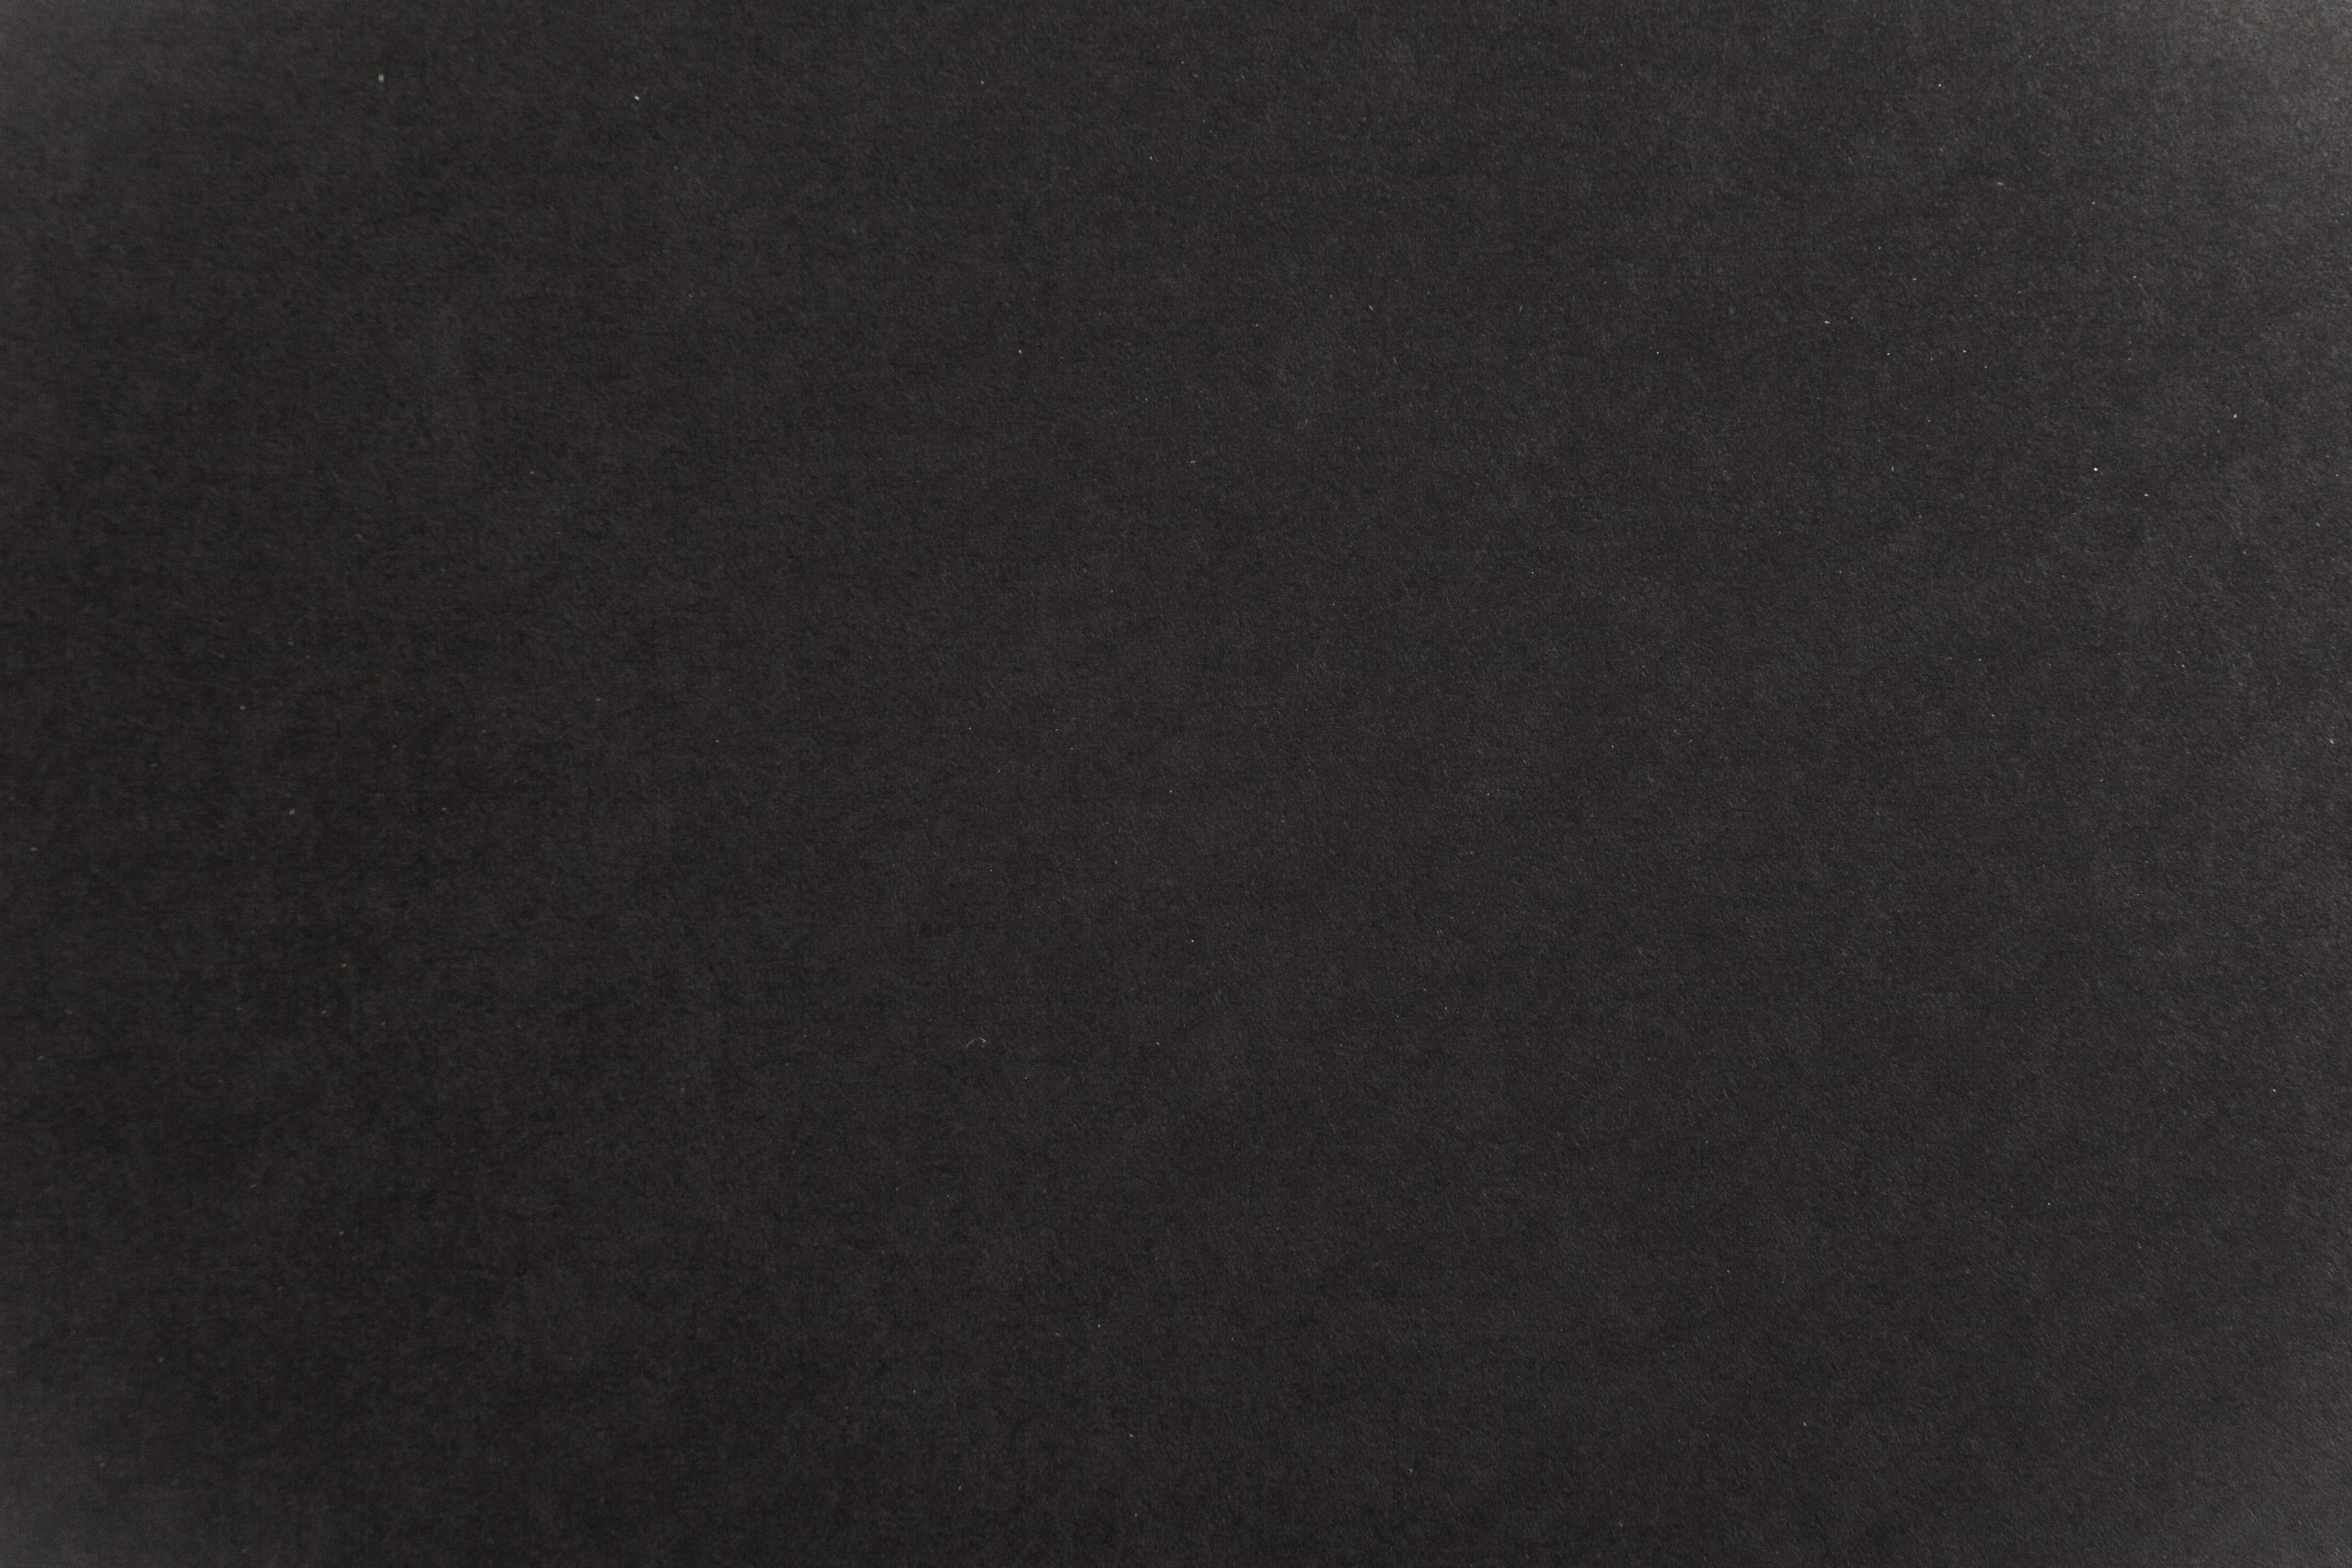 Black Paper Texture, Papers, Subtle, Surface, Texture, HQ Photo